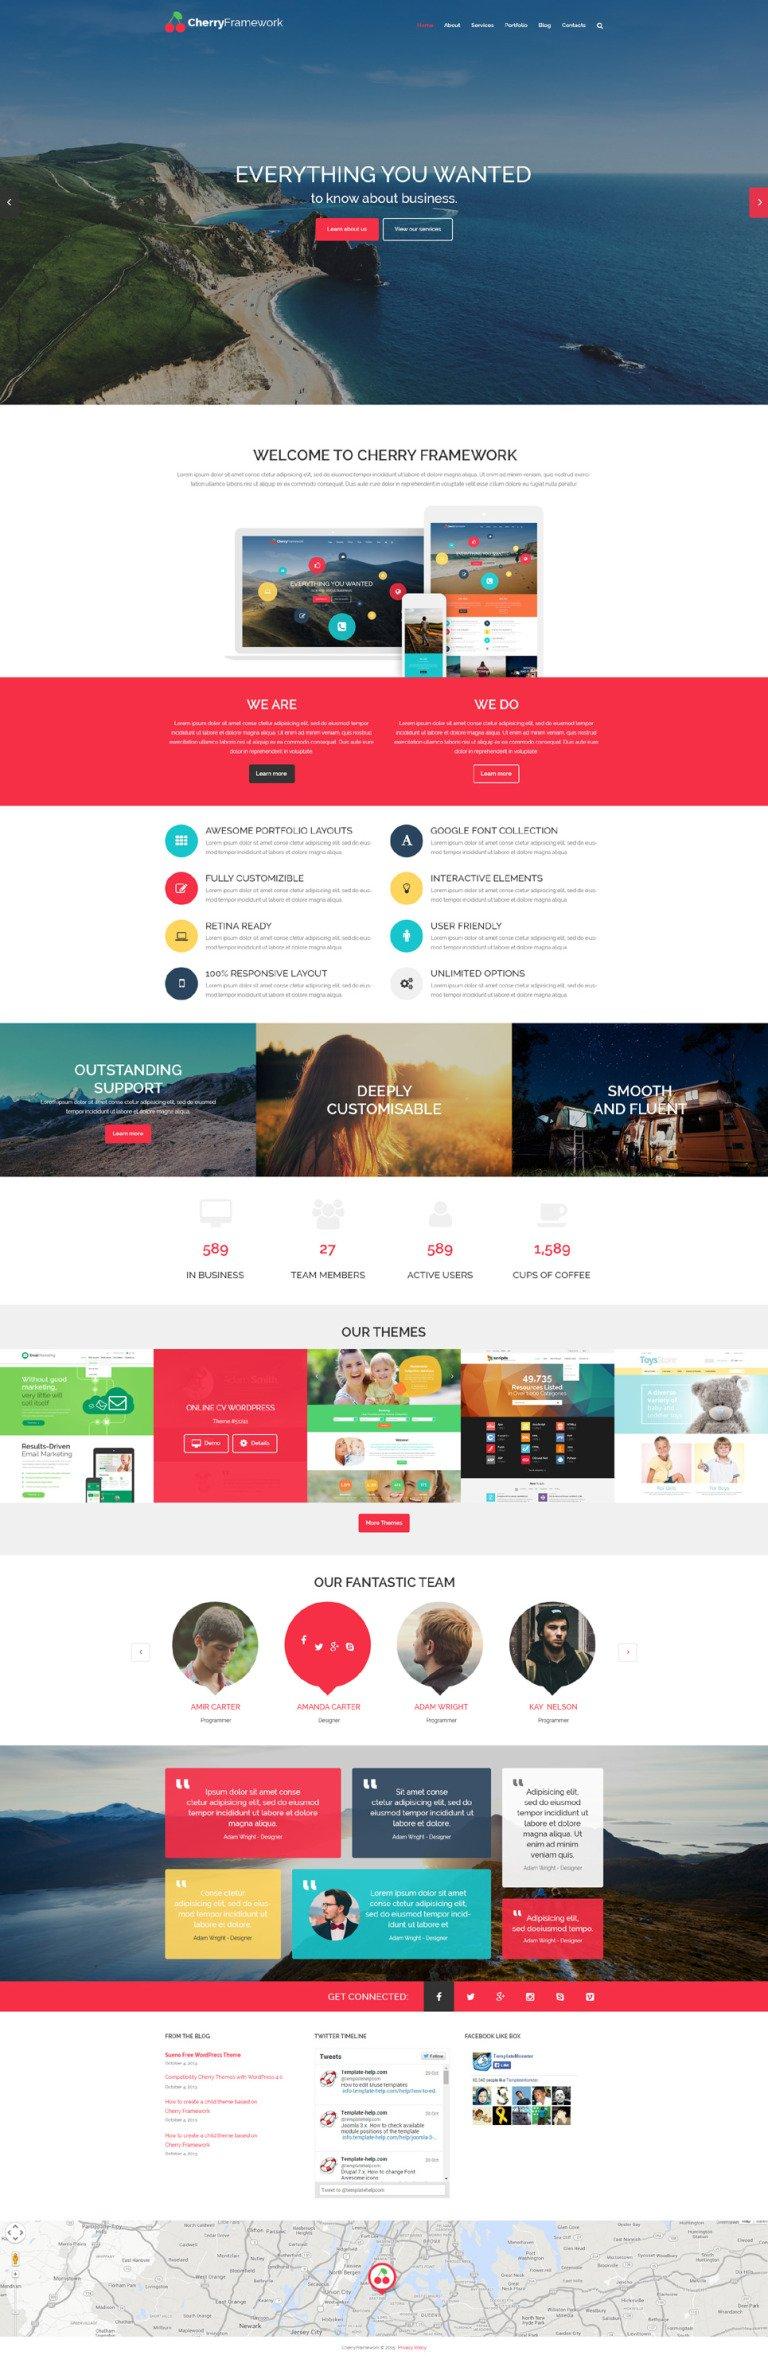 Cherry Framework Free WordPress Theme WordPress Theme New Screenshots BIG